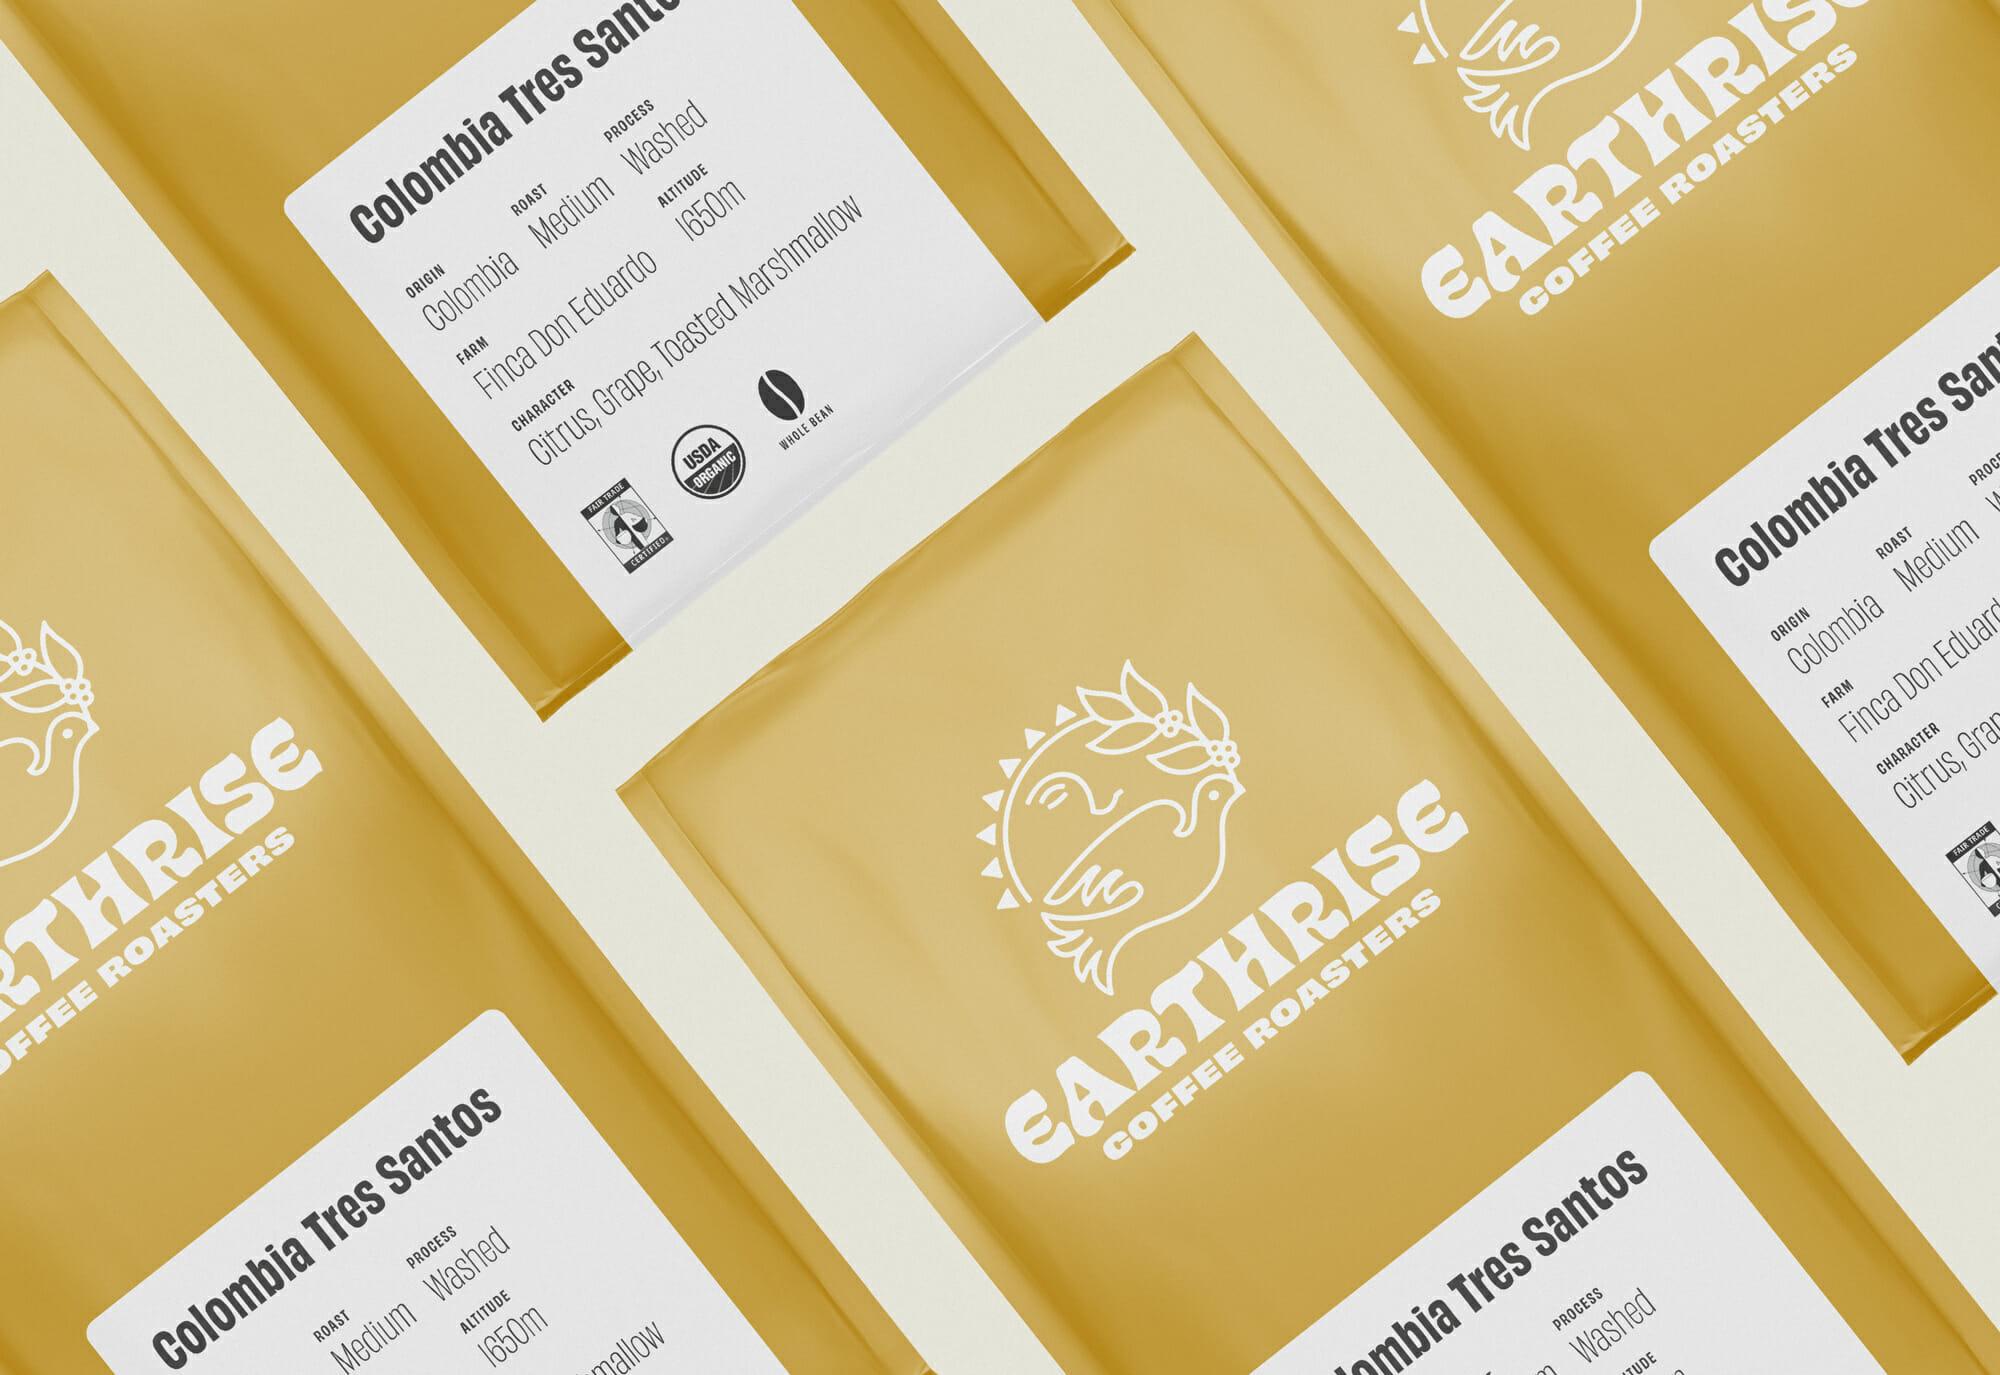 Earthrise Coffee Roasters Packaging Design Grid